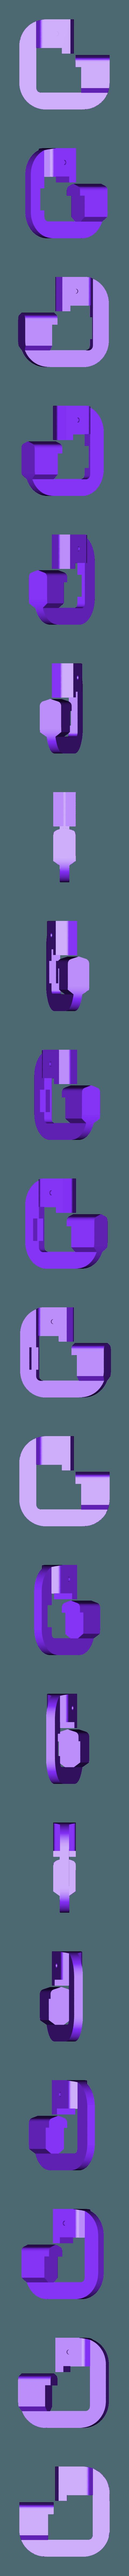 CastChainPuzzle1.stl Télécharger fichier STL gratuit CastChainPuzzle • Plan pour impression 3D, Digitang3D